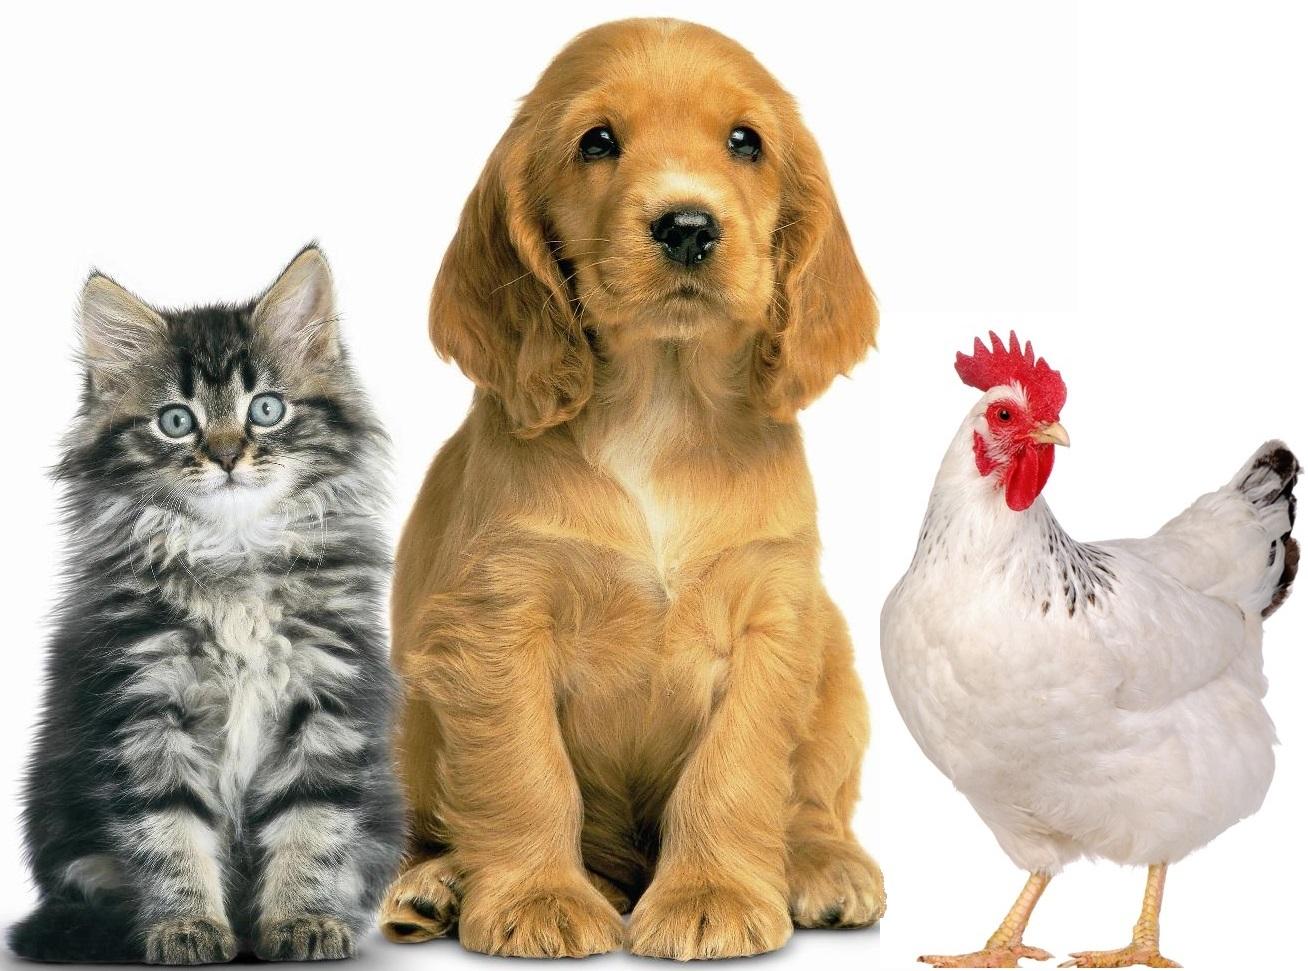 Animal Control Consultation